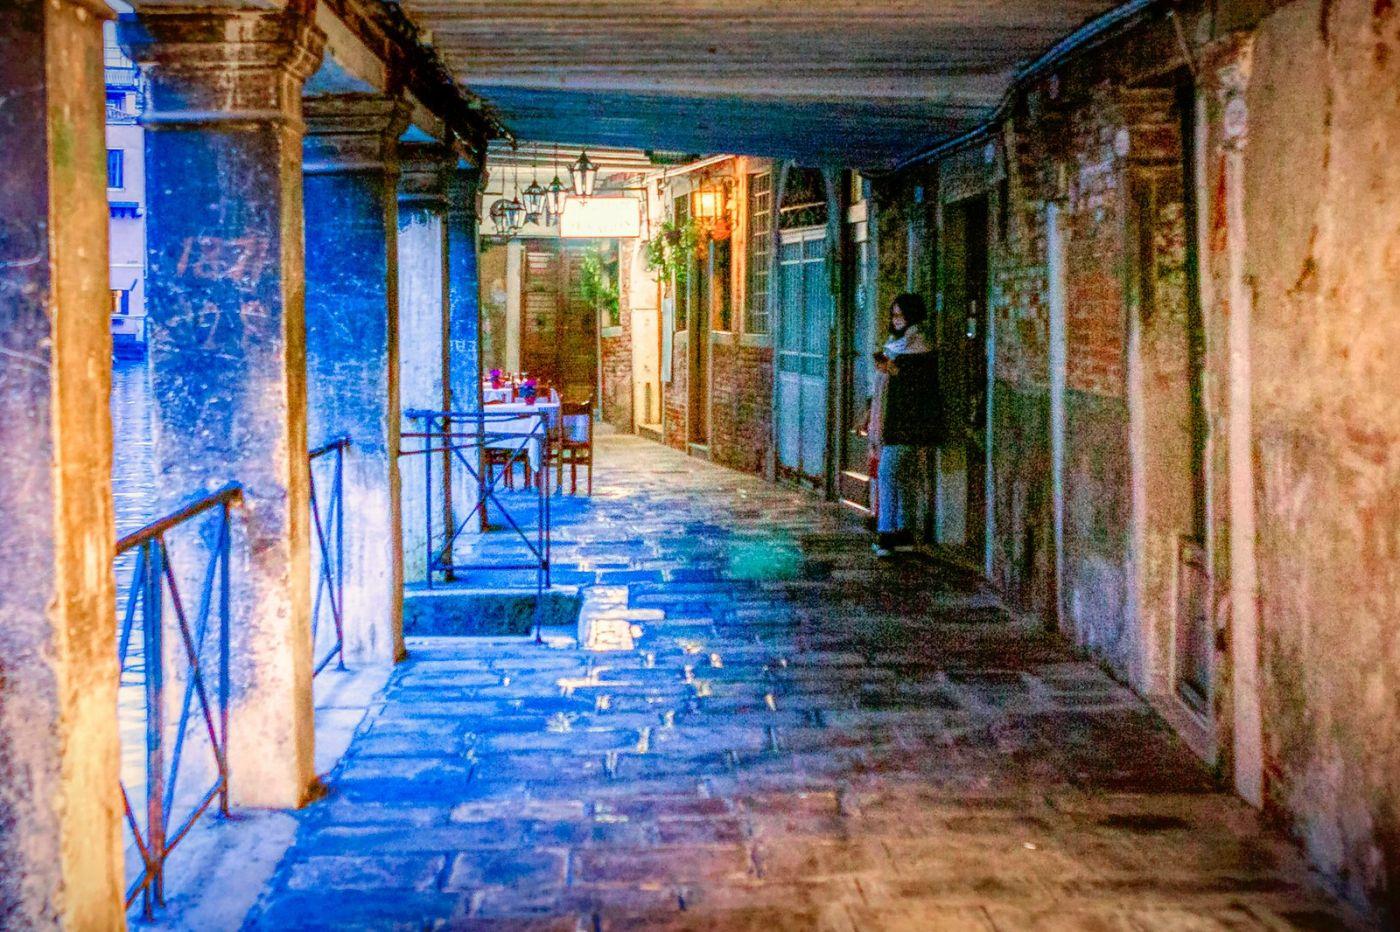 意大利威尼斯,水边建筑_图1-34